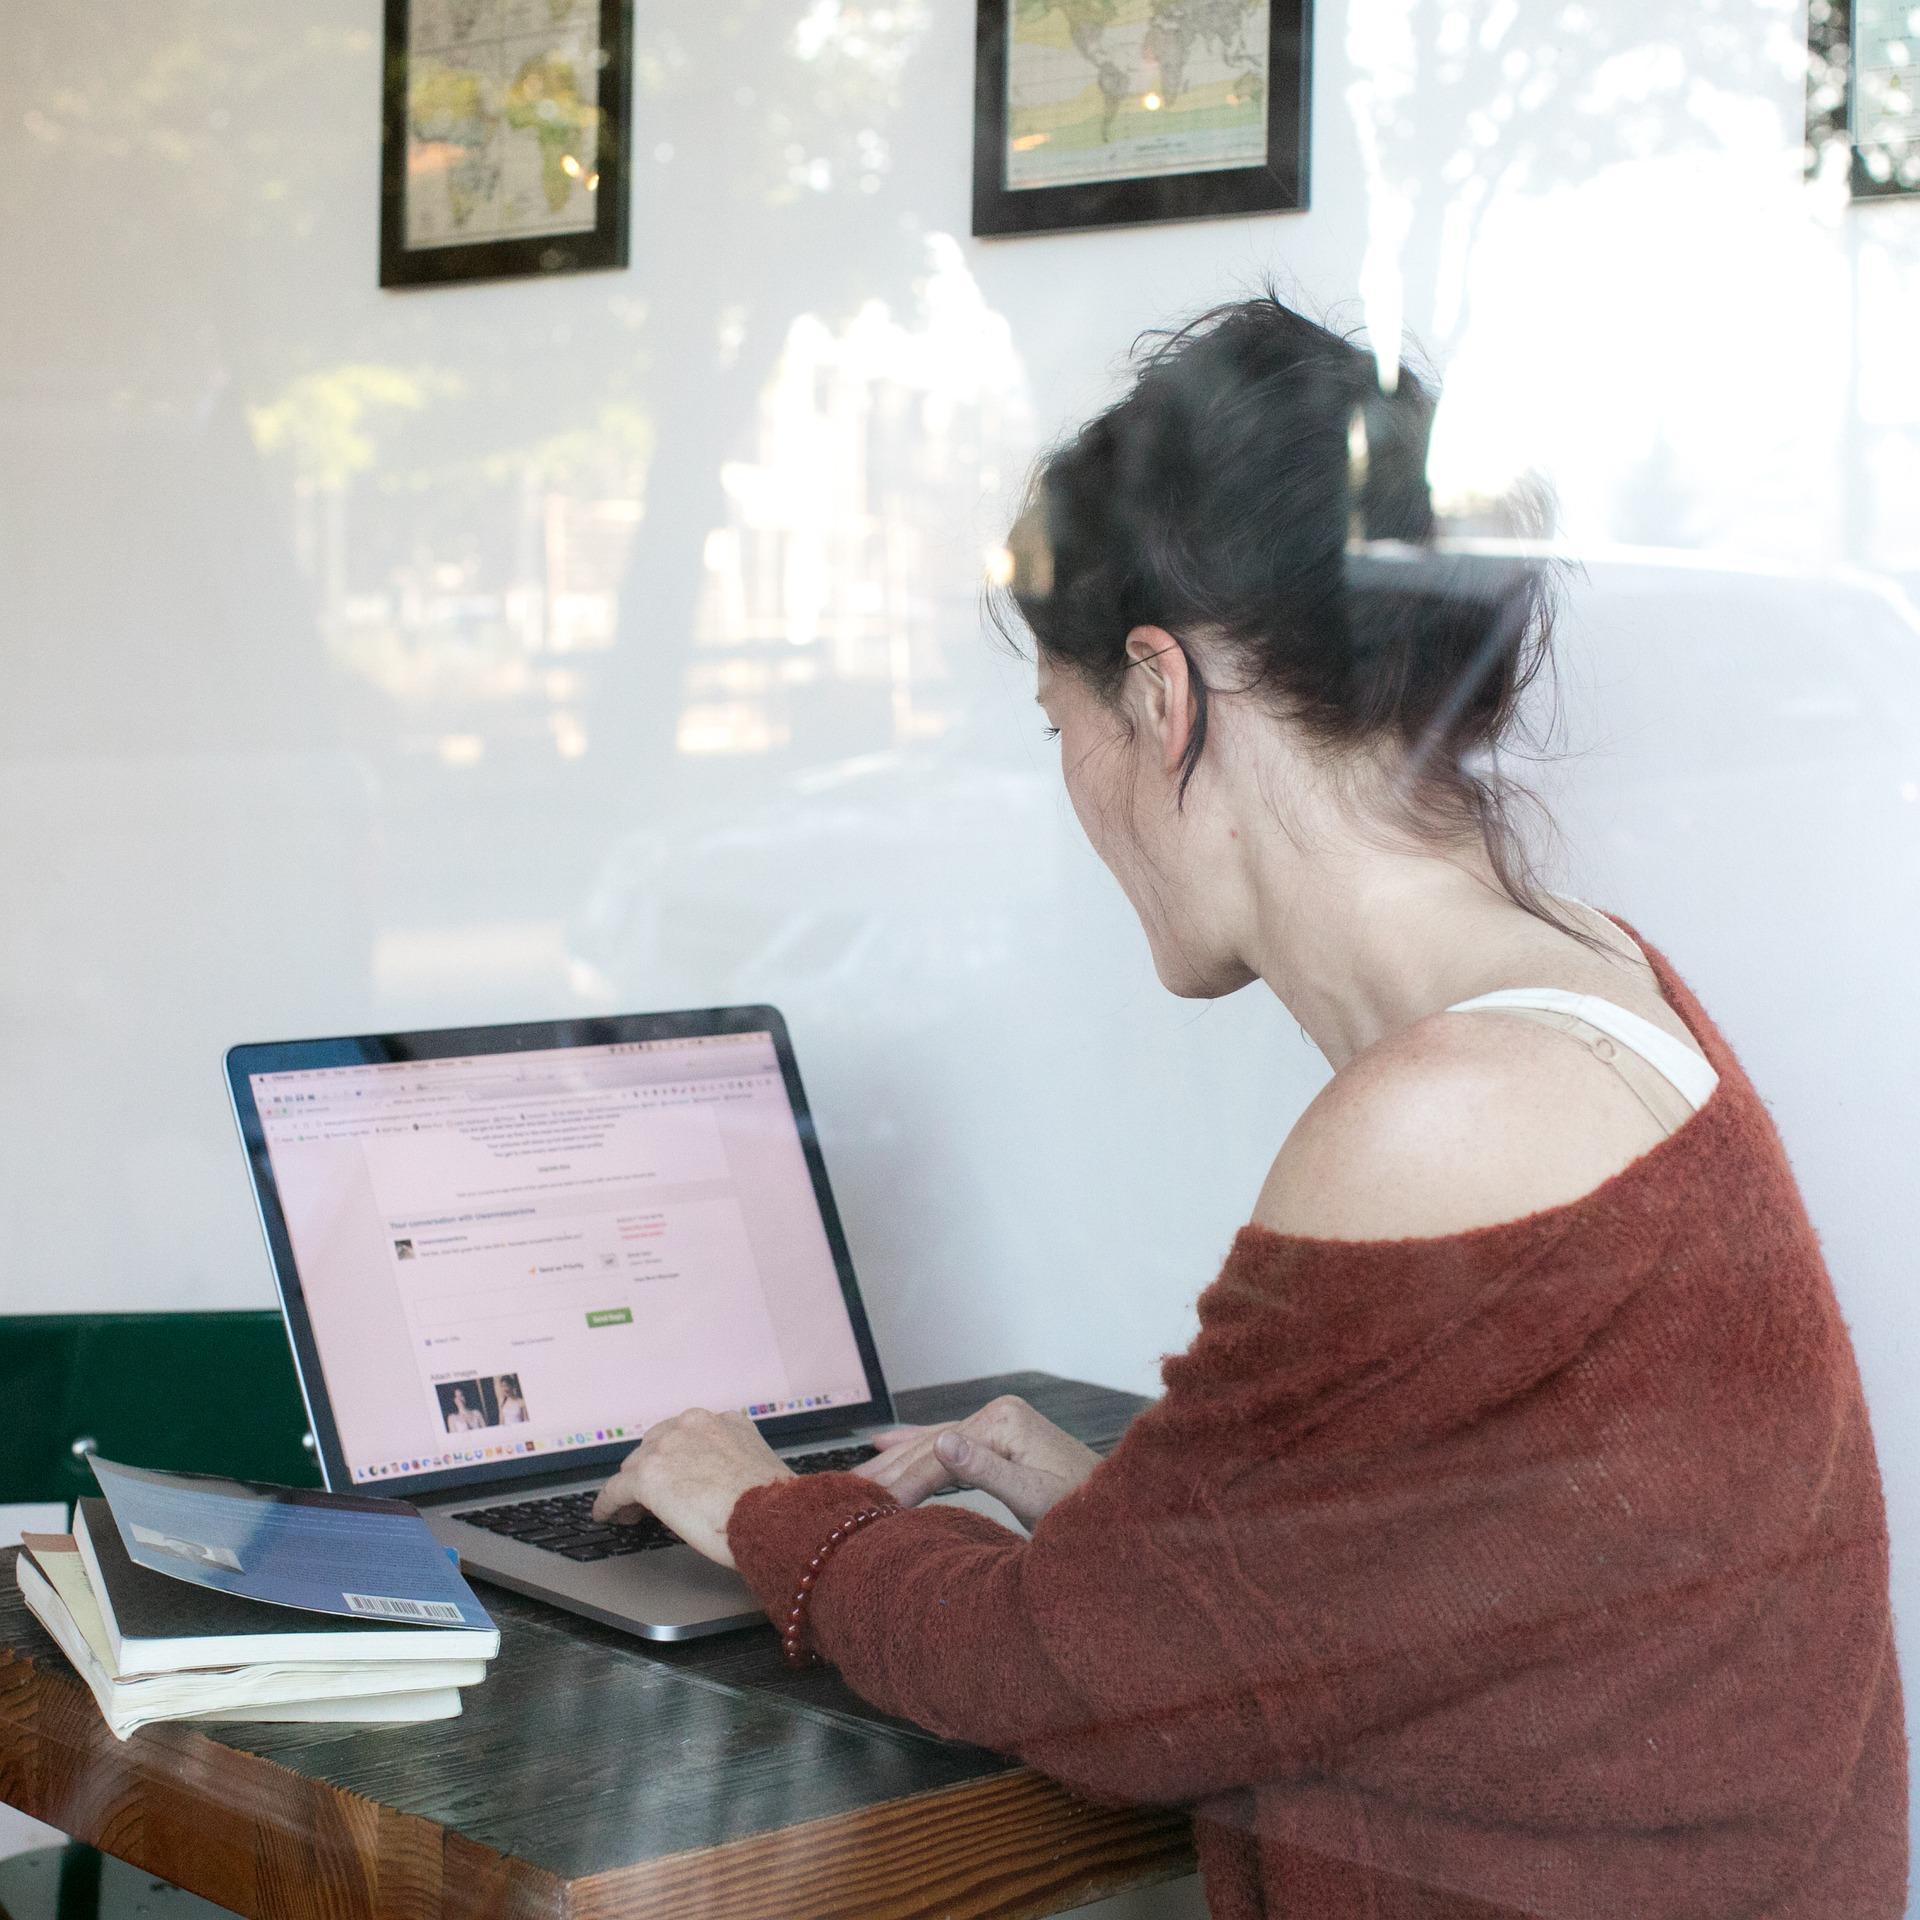 Nicht wenige Menschen suchen beim Online-Dating die große Liebe. Doch um diese auch zu finden, sollten sie nicht naiv, sondern vorsichtig an die Sache herangehen.